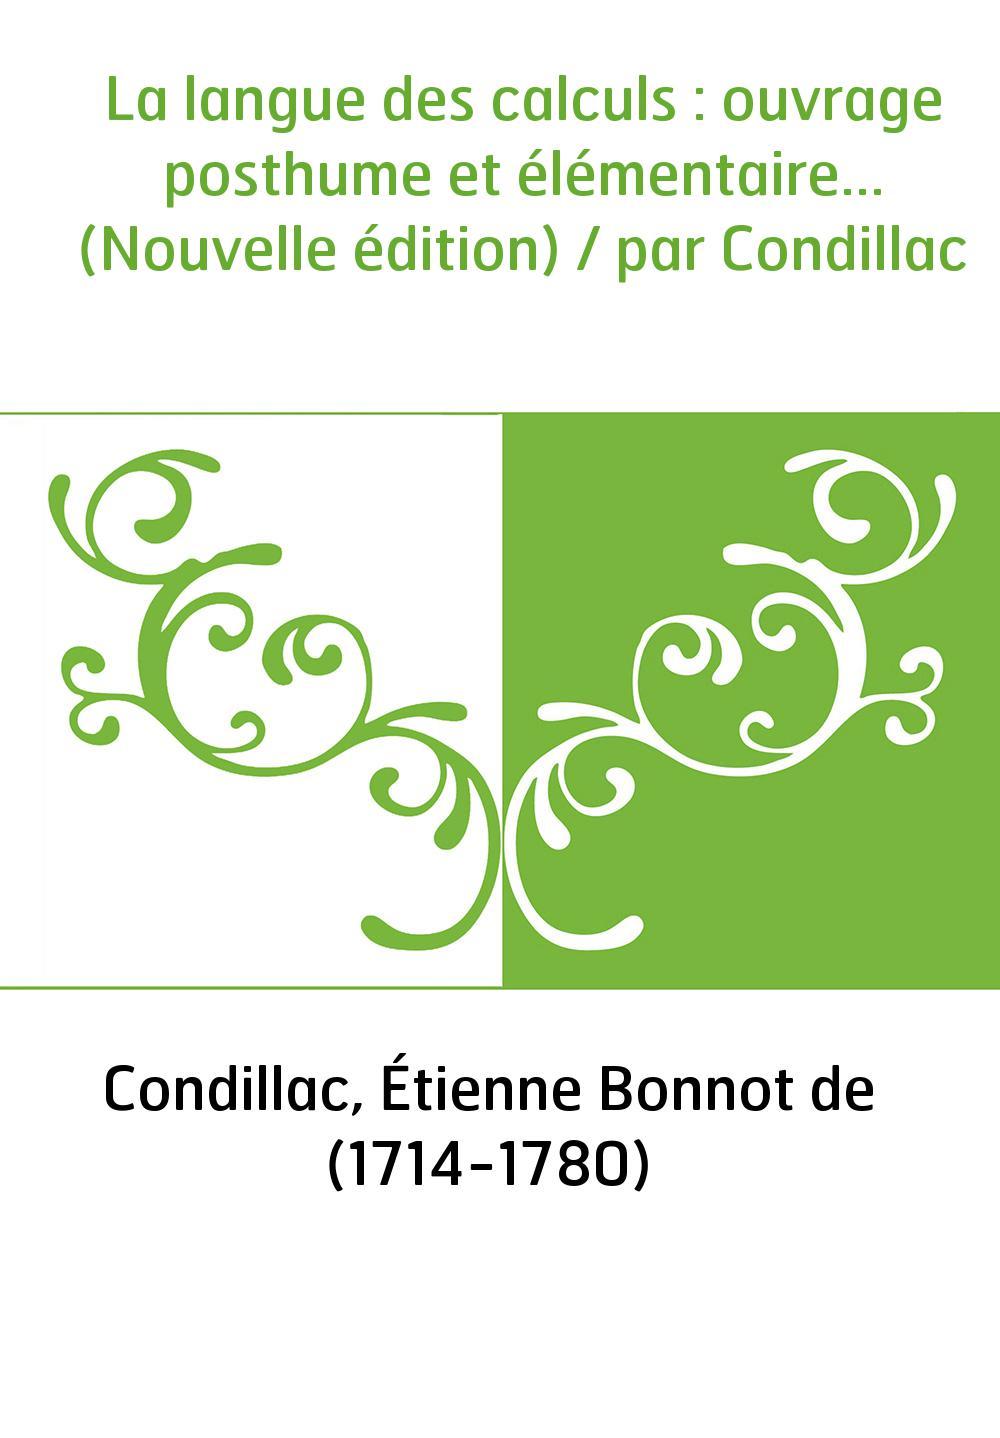 La langue des calculs : ouvrage posthume et élémentaire... (Nouvelle édition) / par Condillac